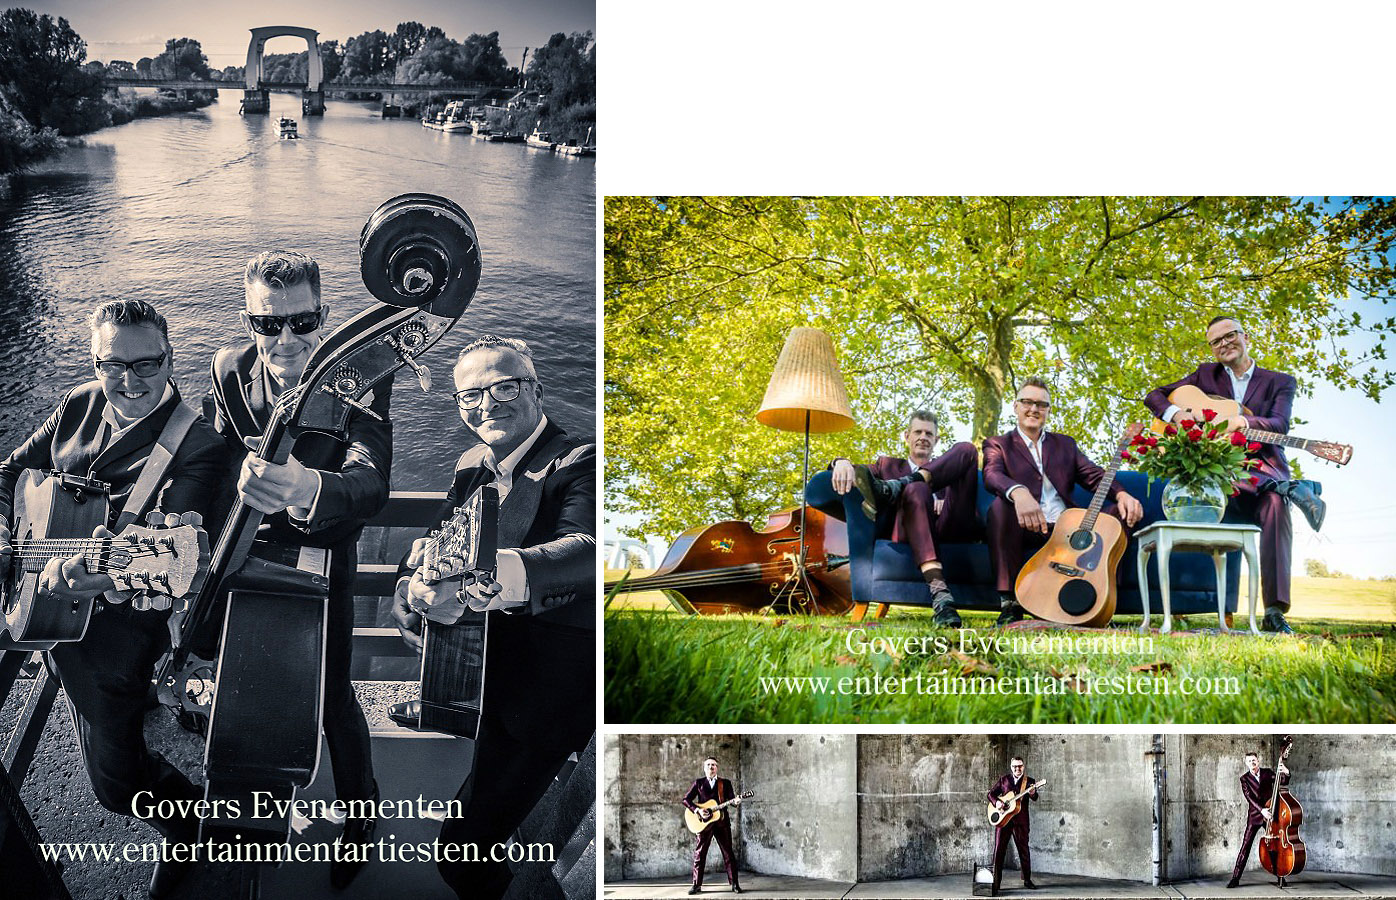 Muzikanten-Bands : The 3-Gents spelen classic hits uit vervlogen jaren. Akoestische/mobiele trio, bandje, muziektrio, artiesten boeken, artiestenbureau, thema feest, muzikanten, band, Govers Evenementen, www.goversartiesten.nl